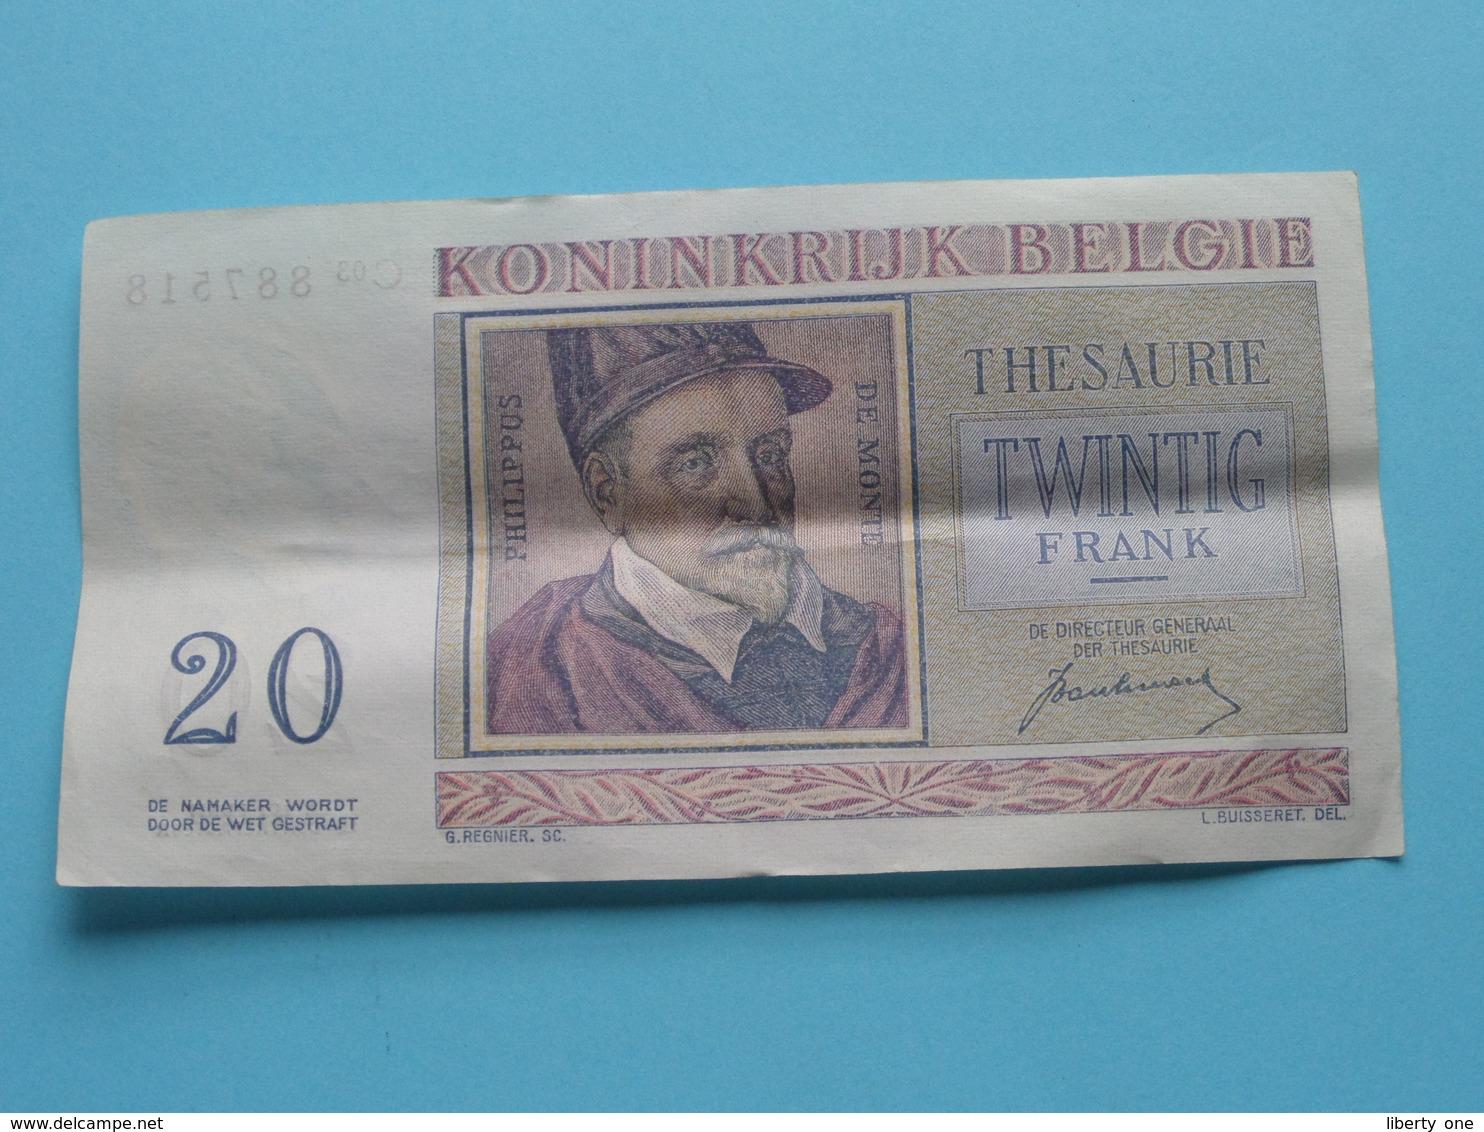 VINGT Francs TWINTIG Frank : C03 887518 ( Thesaurie / Trésorerie - Philippus De Monte ) 01-07-50 > Belgique/België ! - [ 6] Treasury